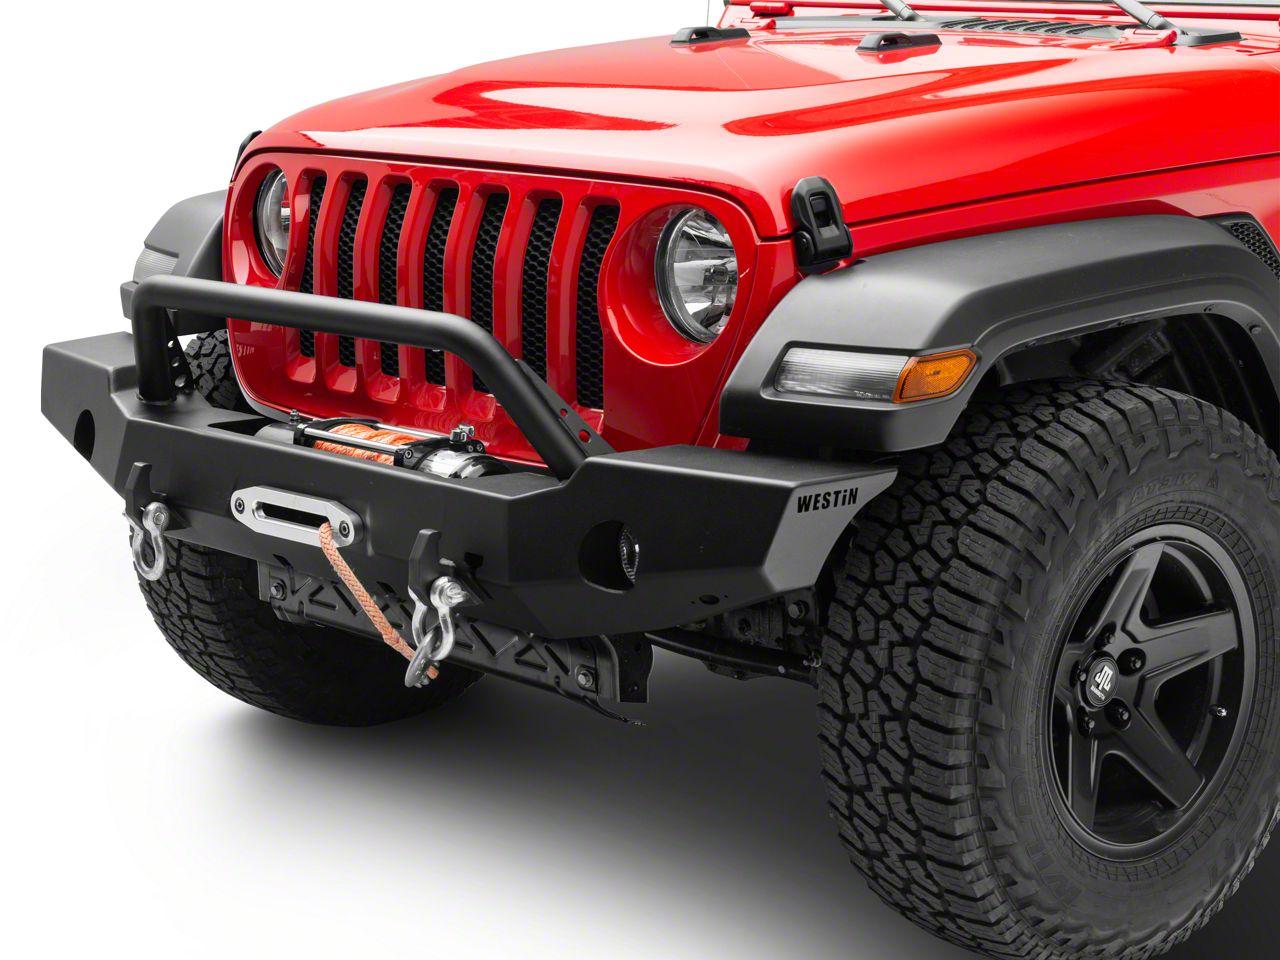 Westin WJ2 Full Width Front Bumper w/ Bull Bar - Textured Black (2018 Jeep Wrangler JL)